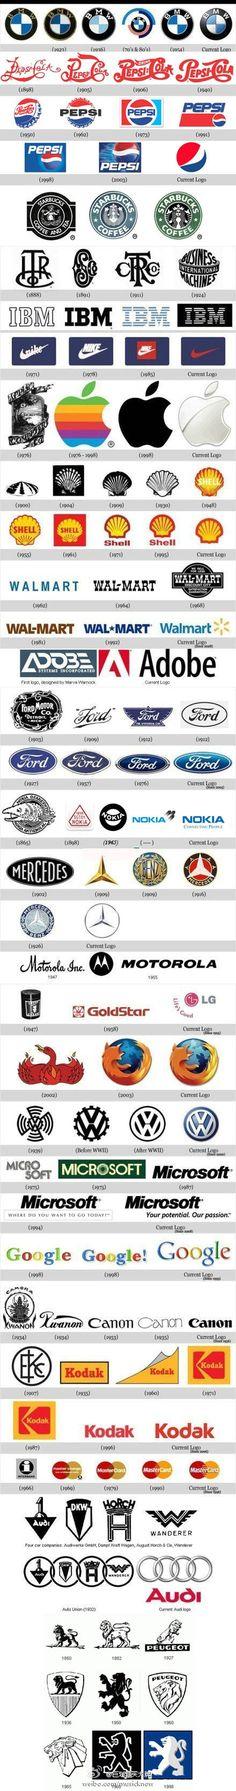 品牌logo演化史